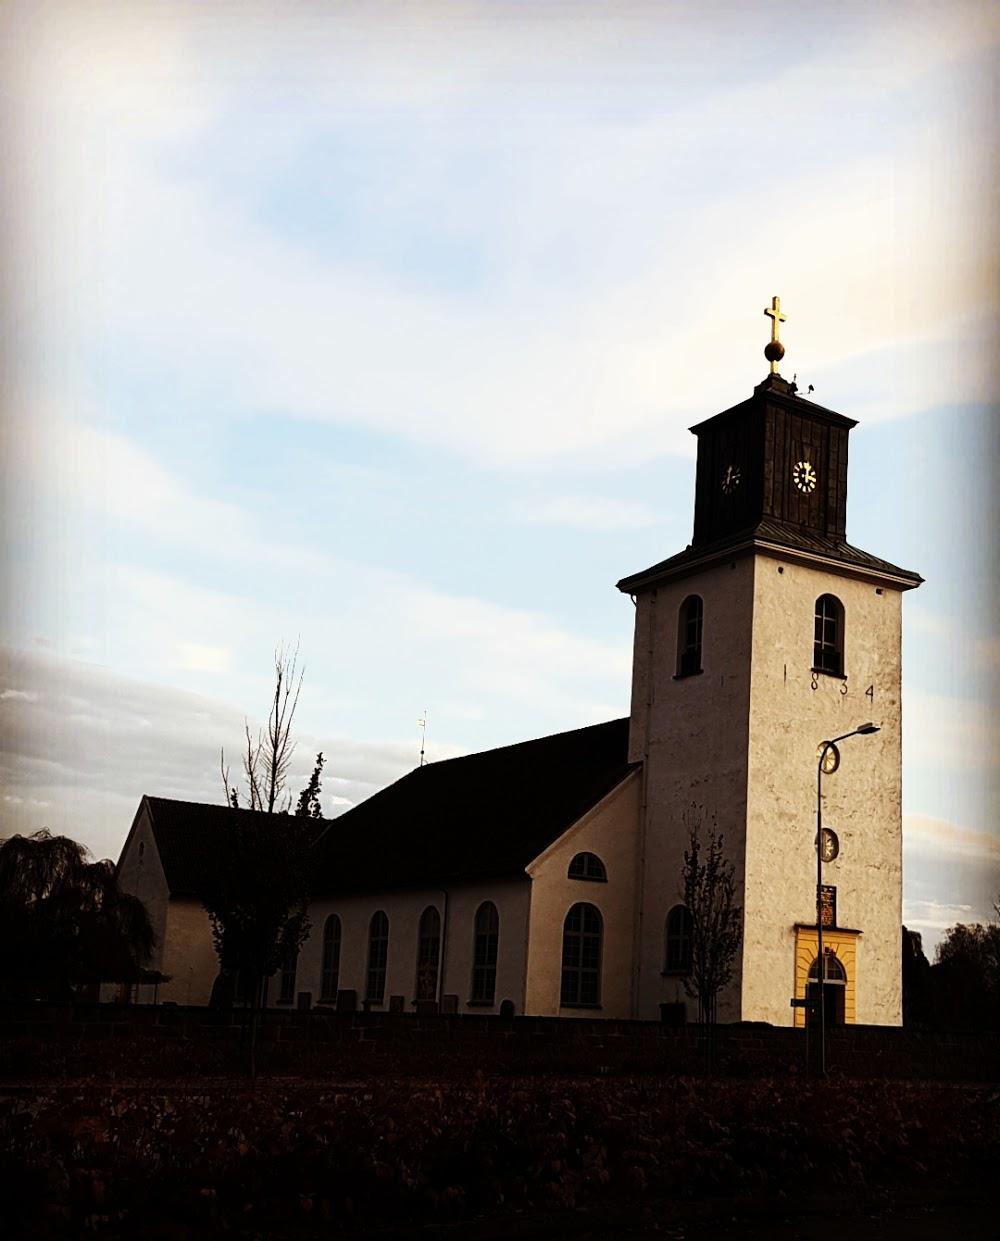 Osby Kyrkogård